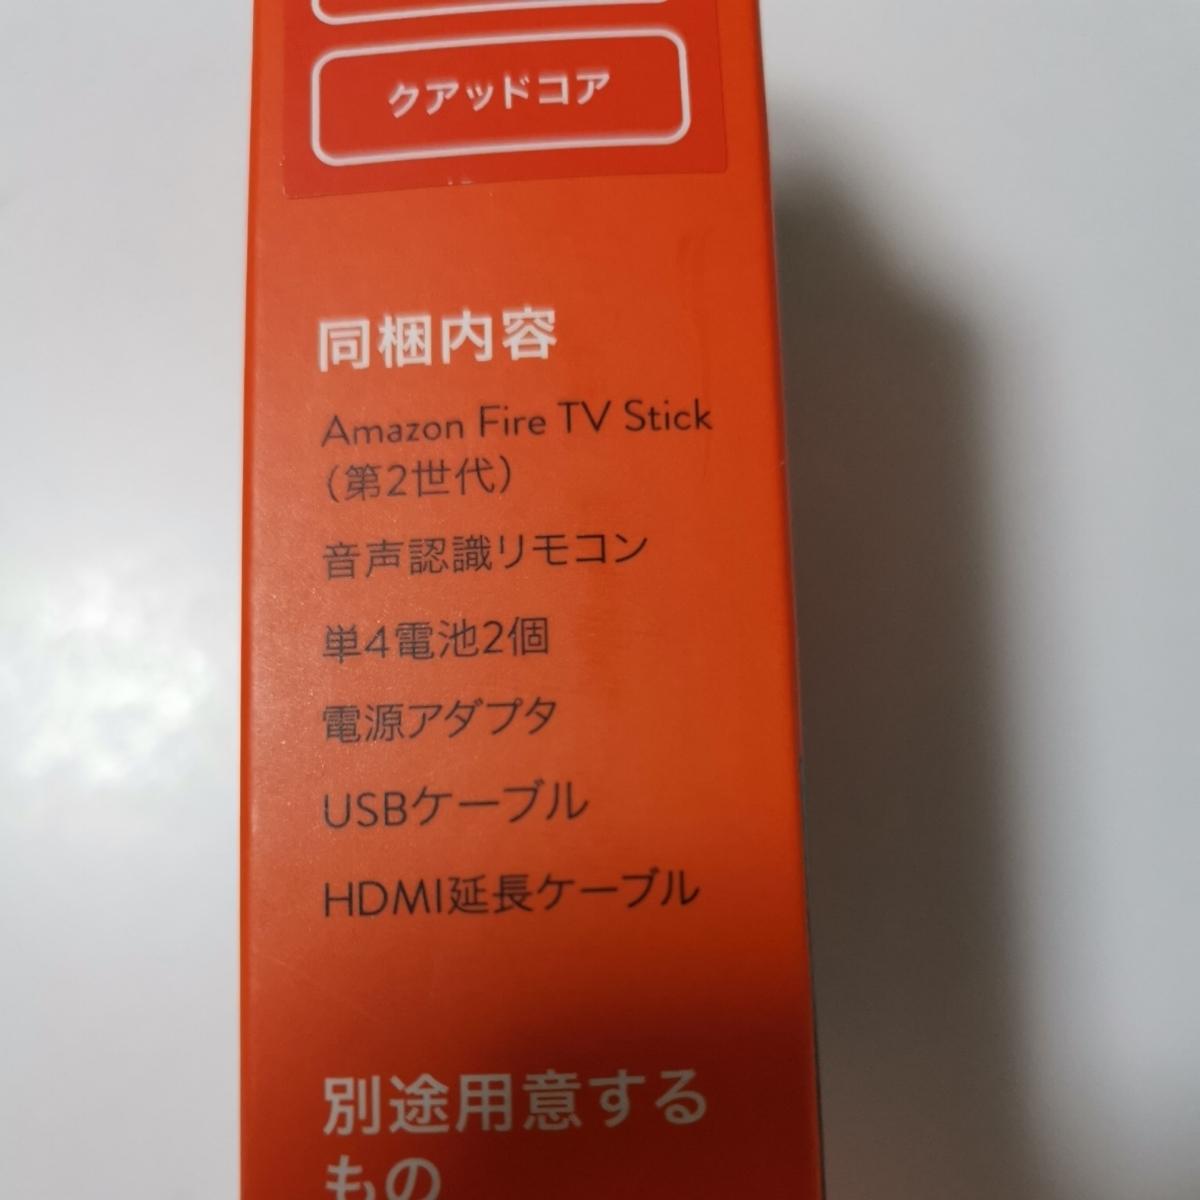 美品!完全動作品!Amazon Fire TV Stick 第2世代 音声認識リモコン付属_画像4